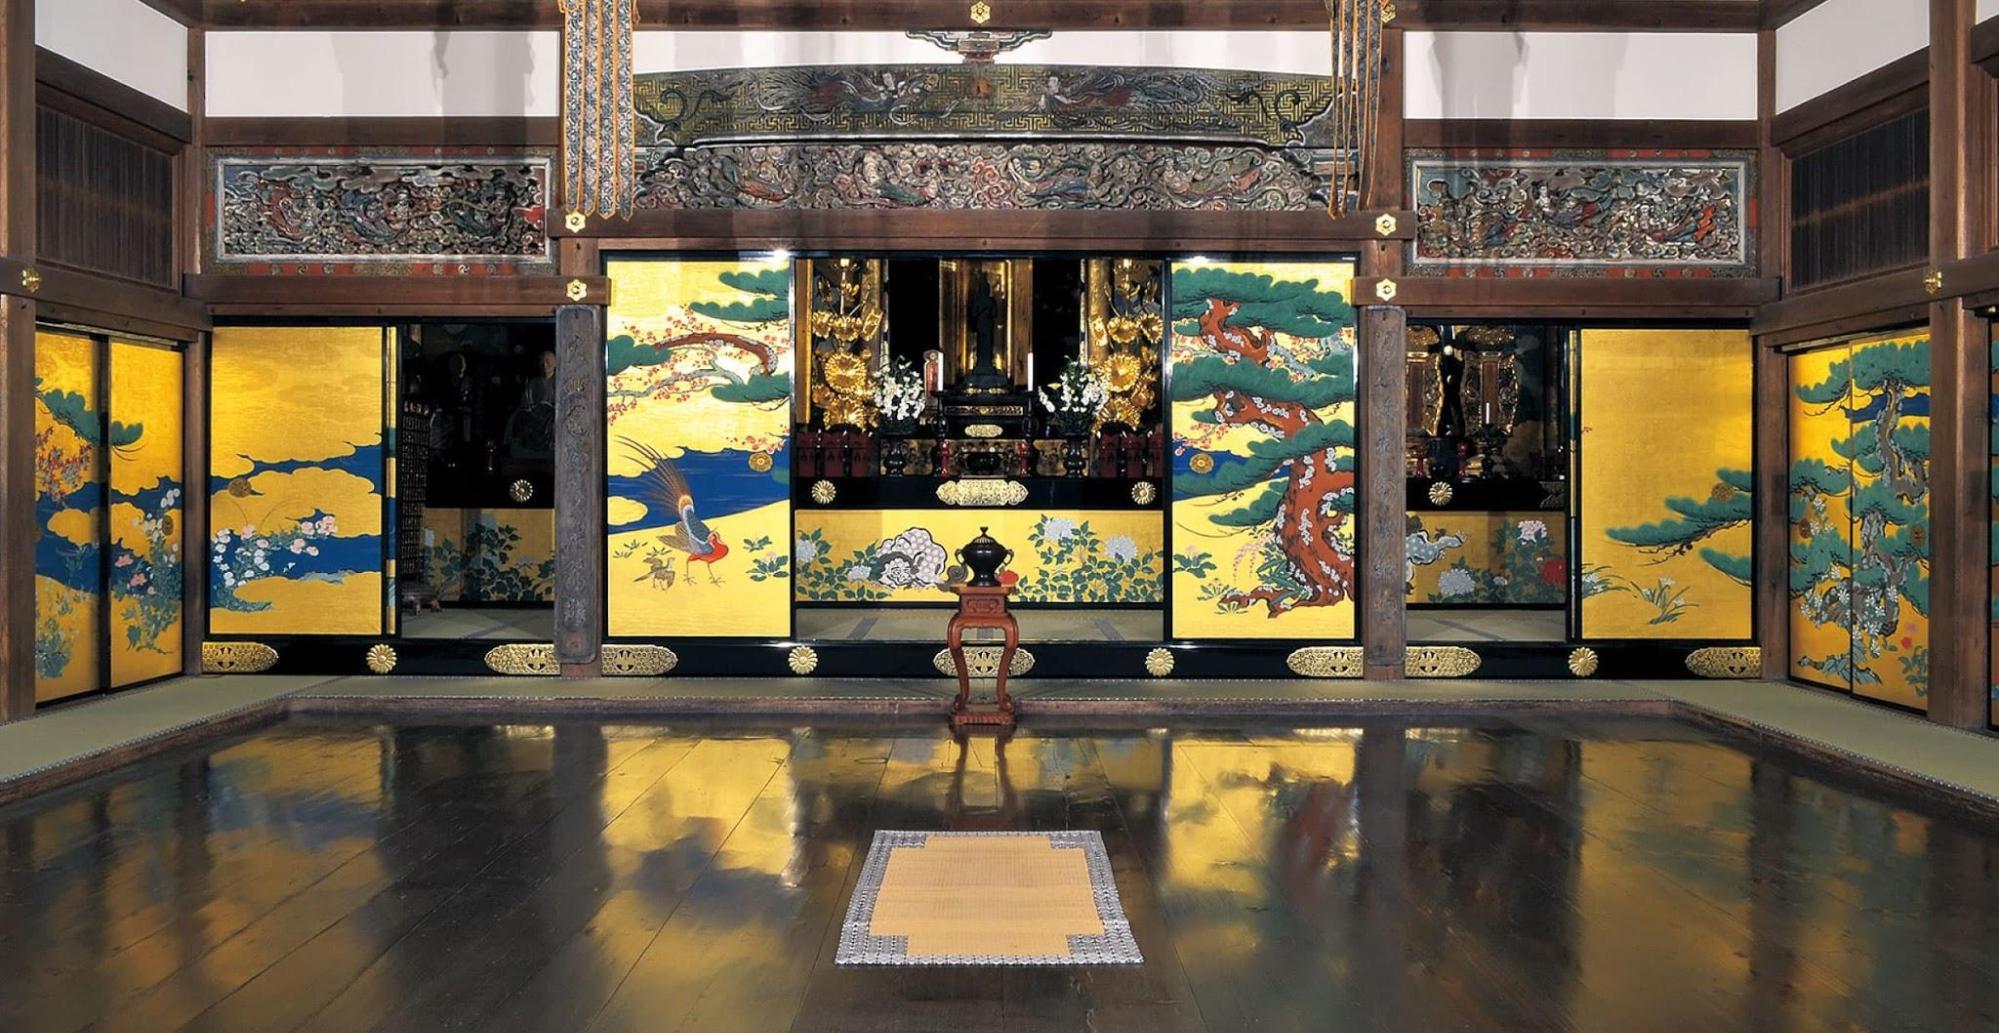 Tohoku Japan -  fusuma zuiganji temple